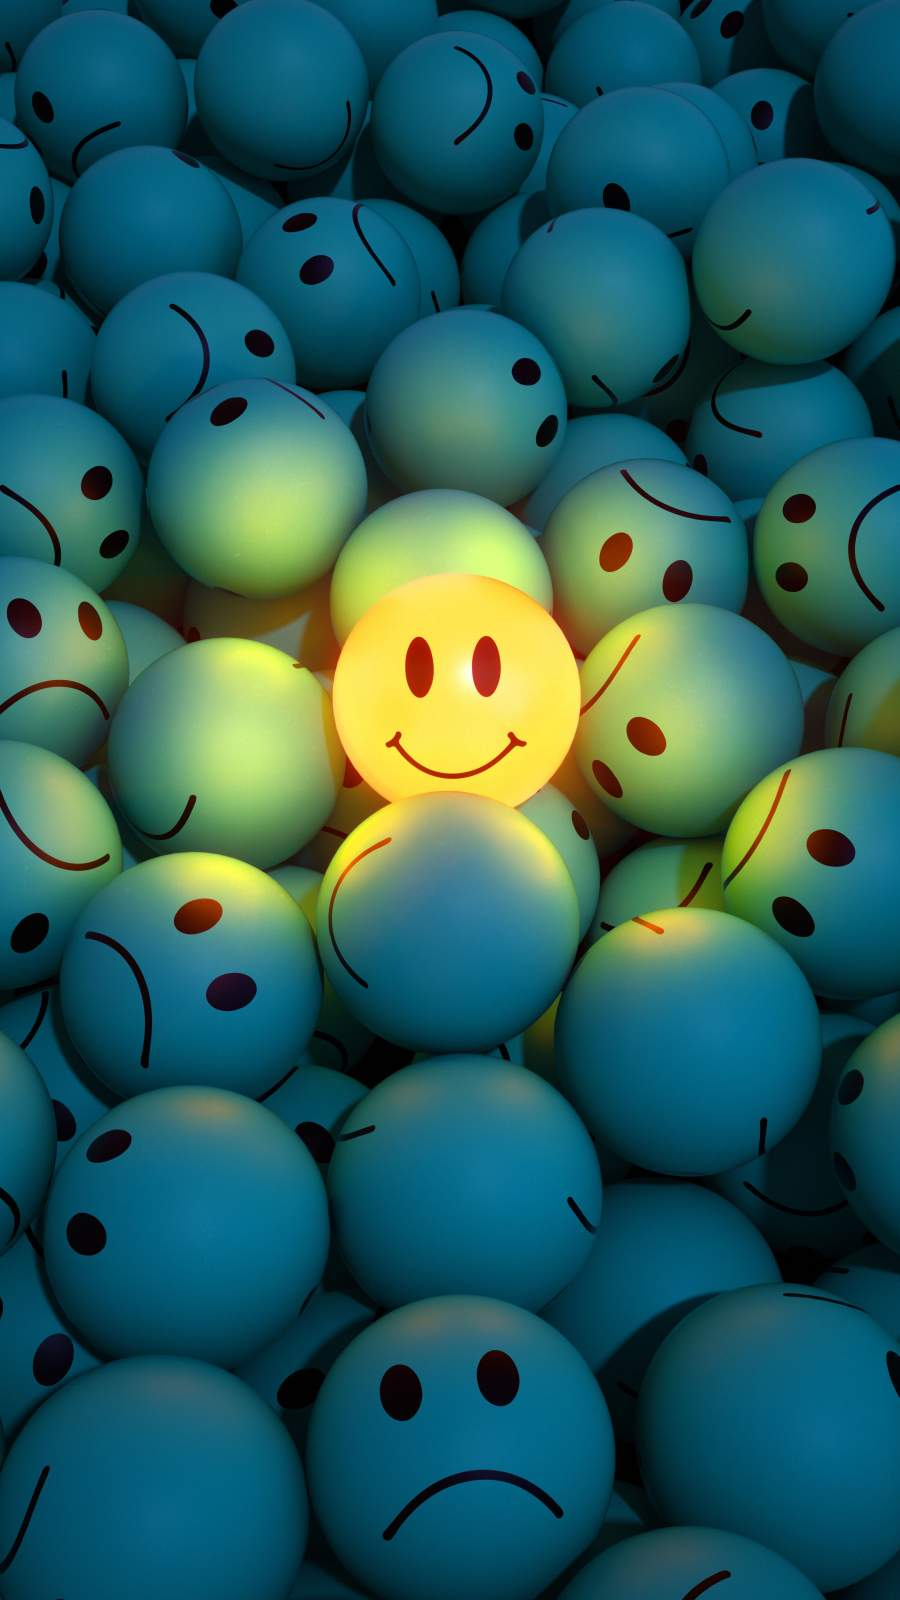 Smile in Sad World